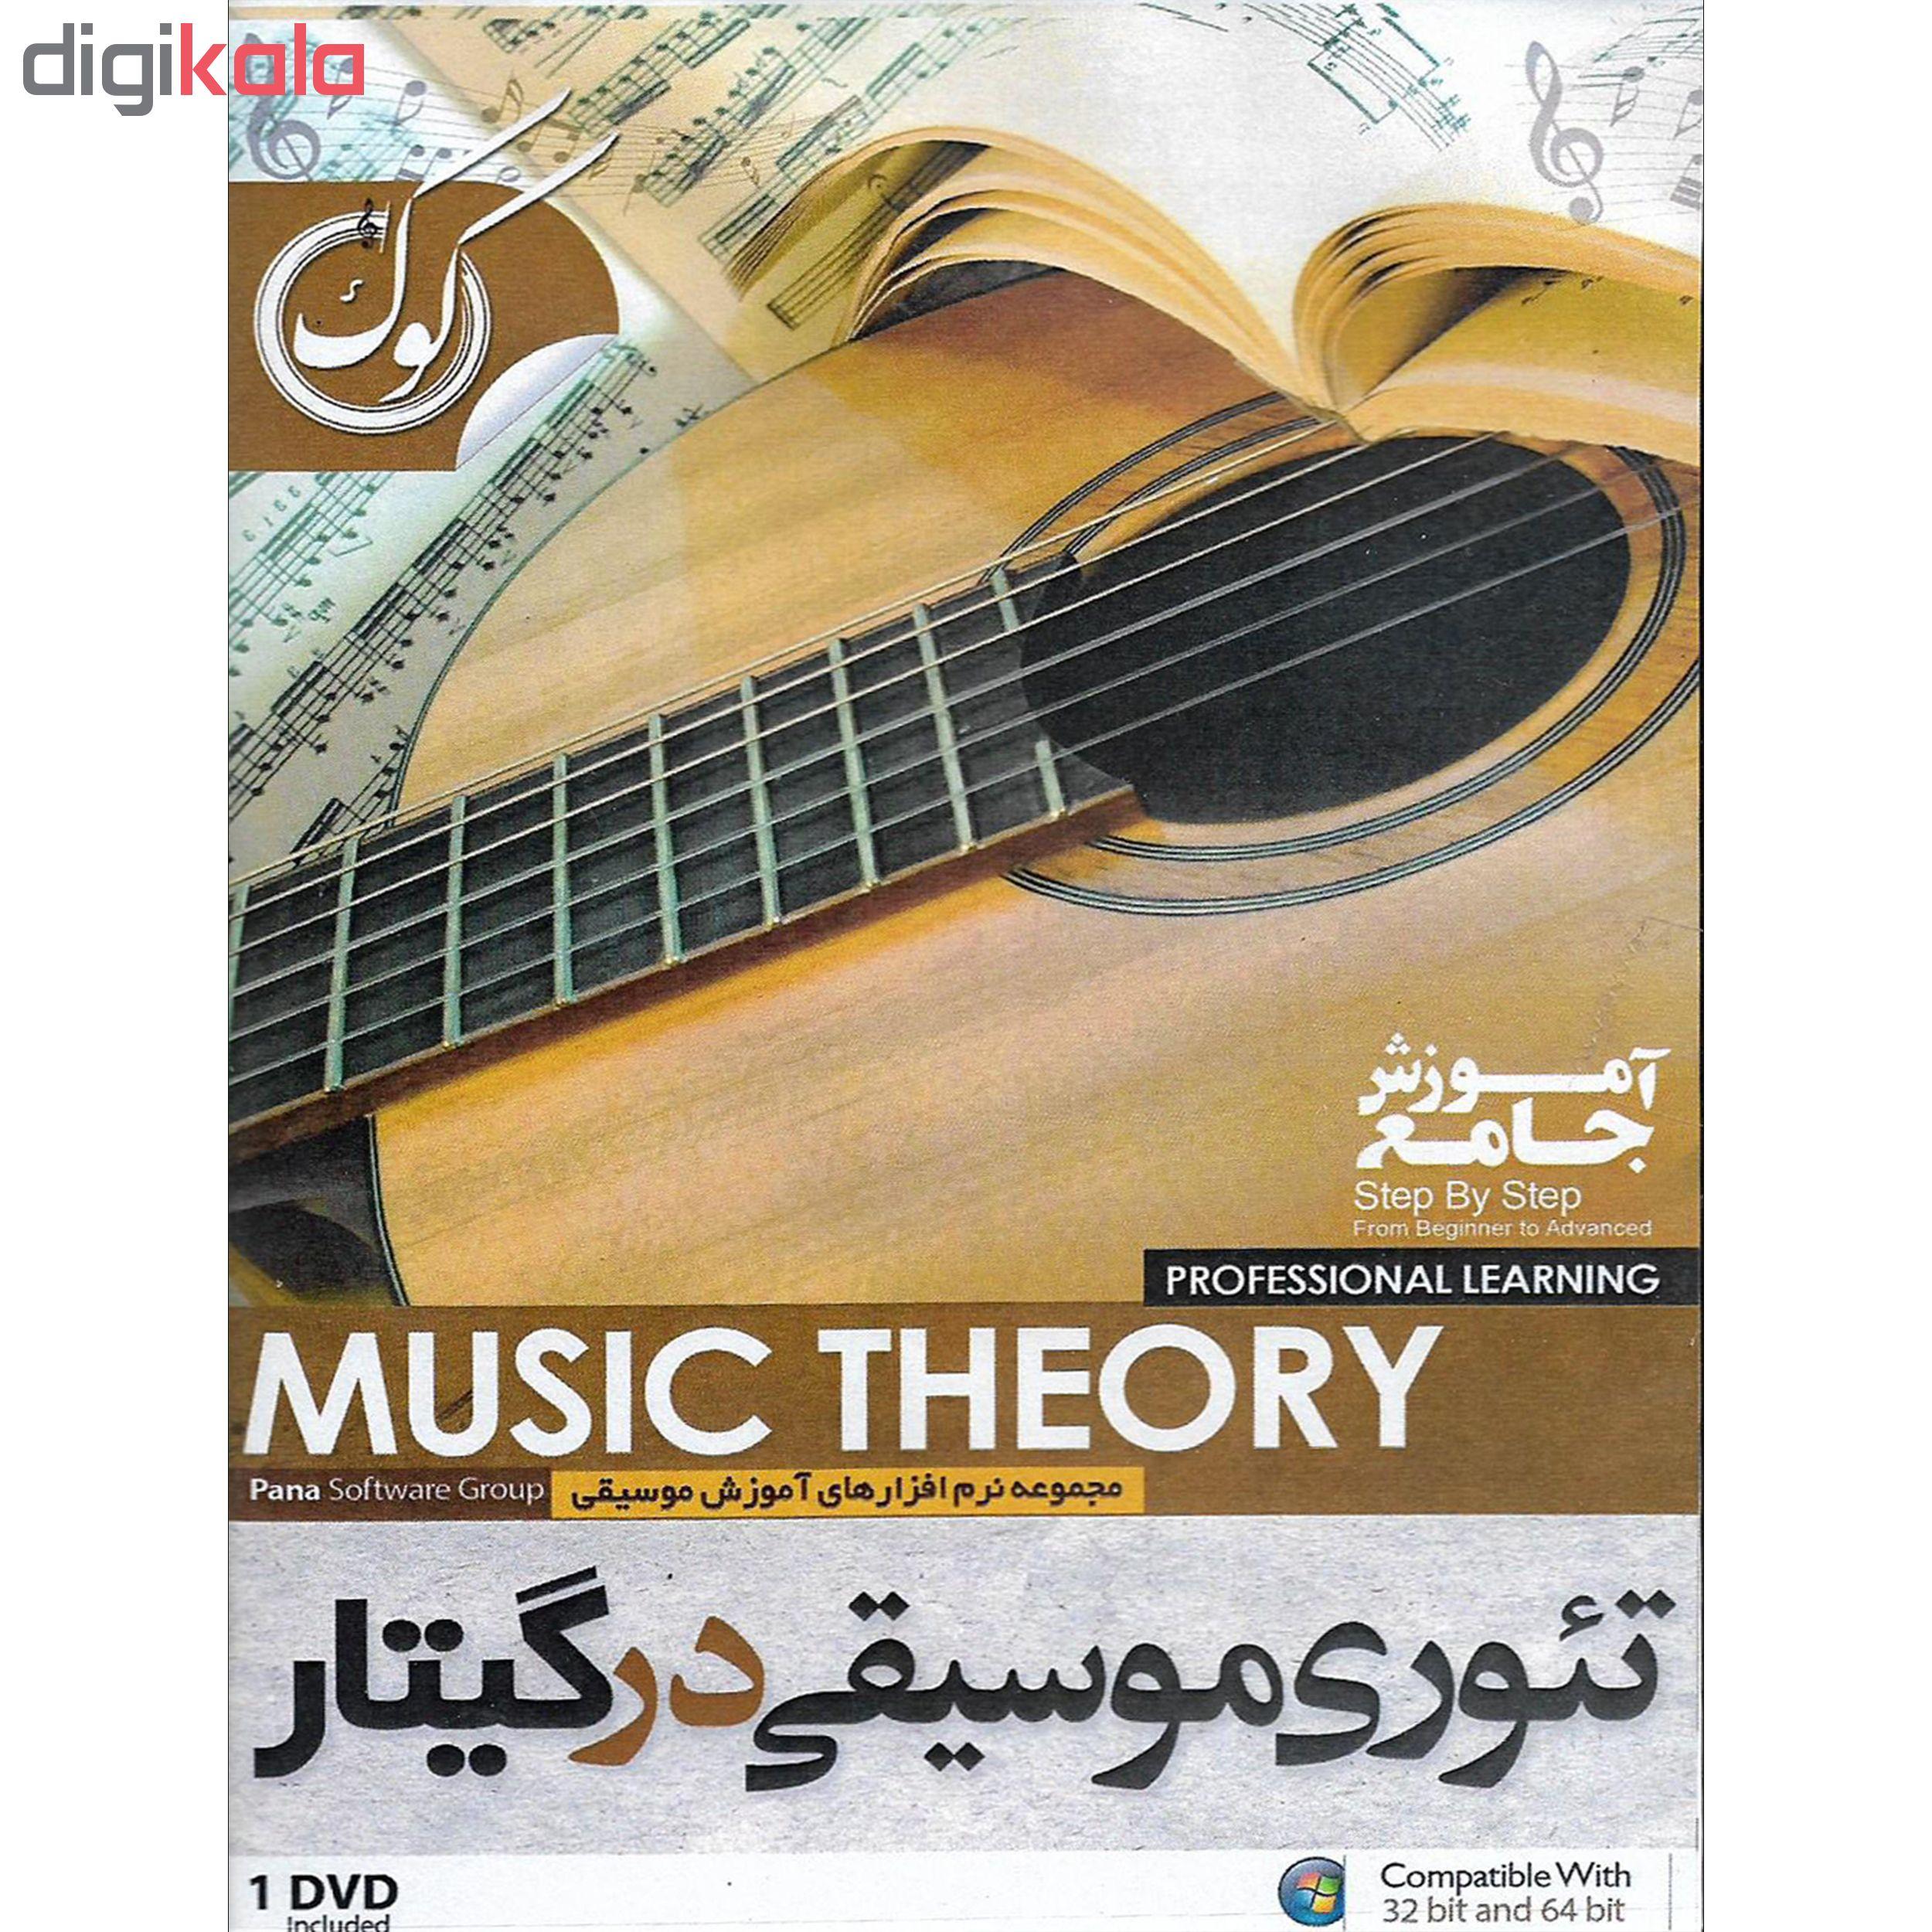 نرم افزار آموزشی تئوری موسیقی در گیتار نشر پاناپرداز به همراه نرم افزار آموزشی گیتار کلاسیک نشر درنا